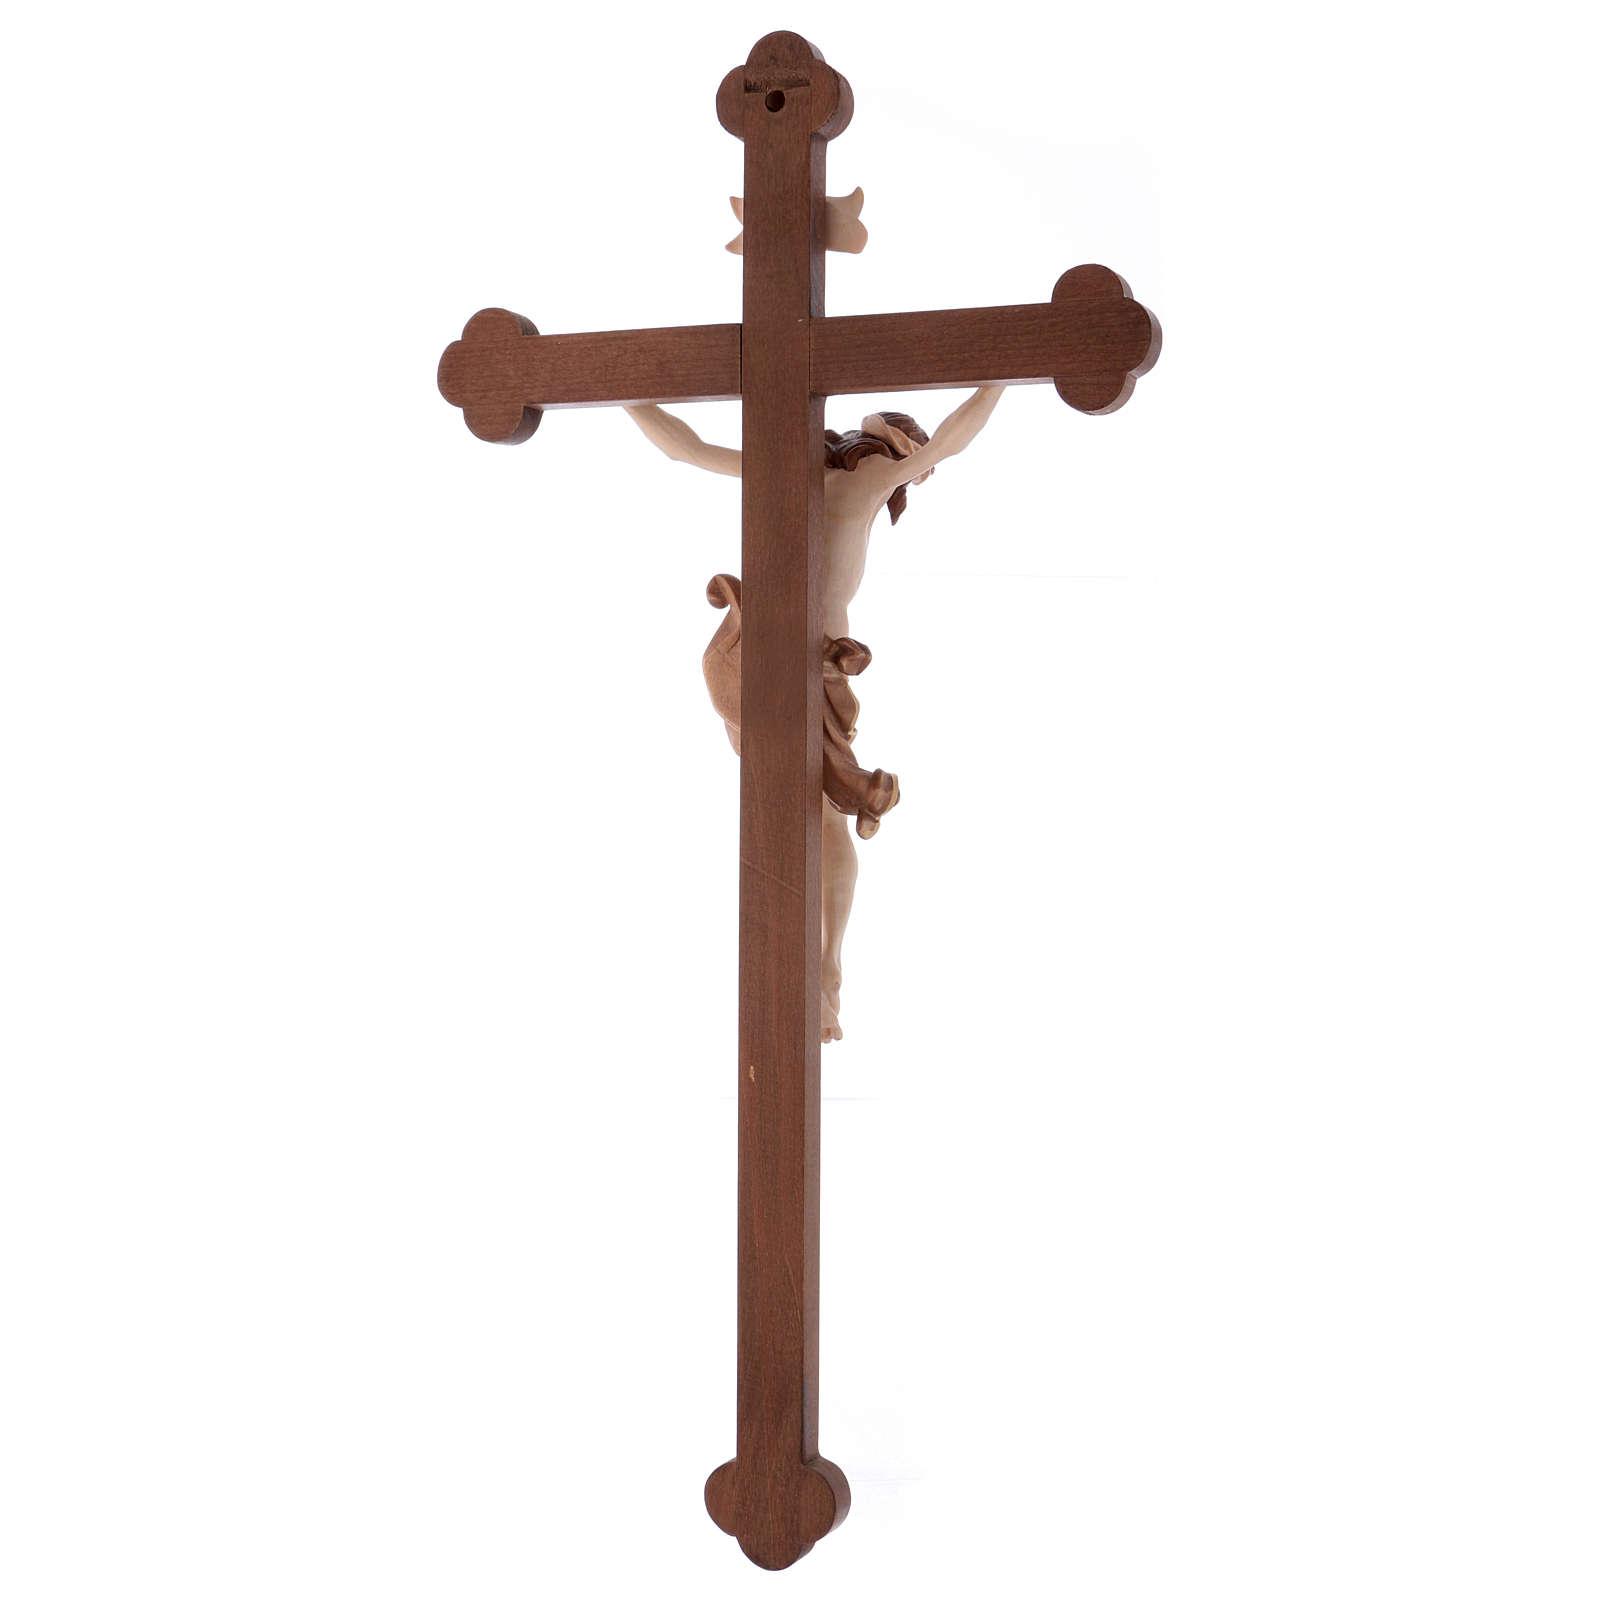 Crocefisso Leonardo croce brunita barocca brunito 3 colori 4